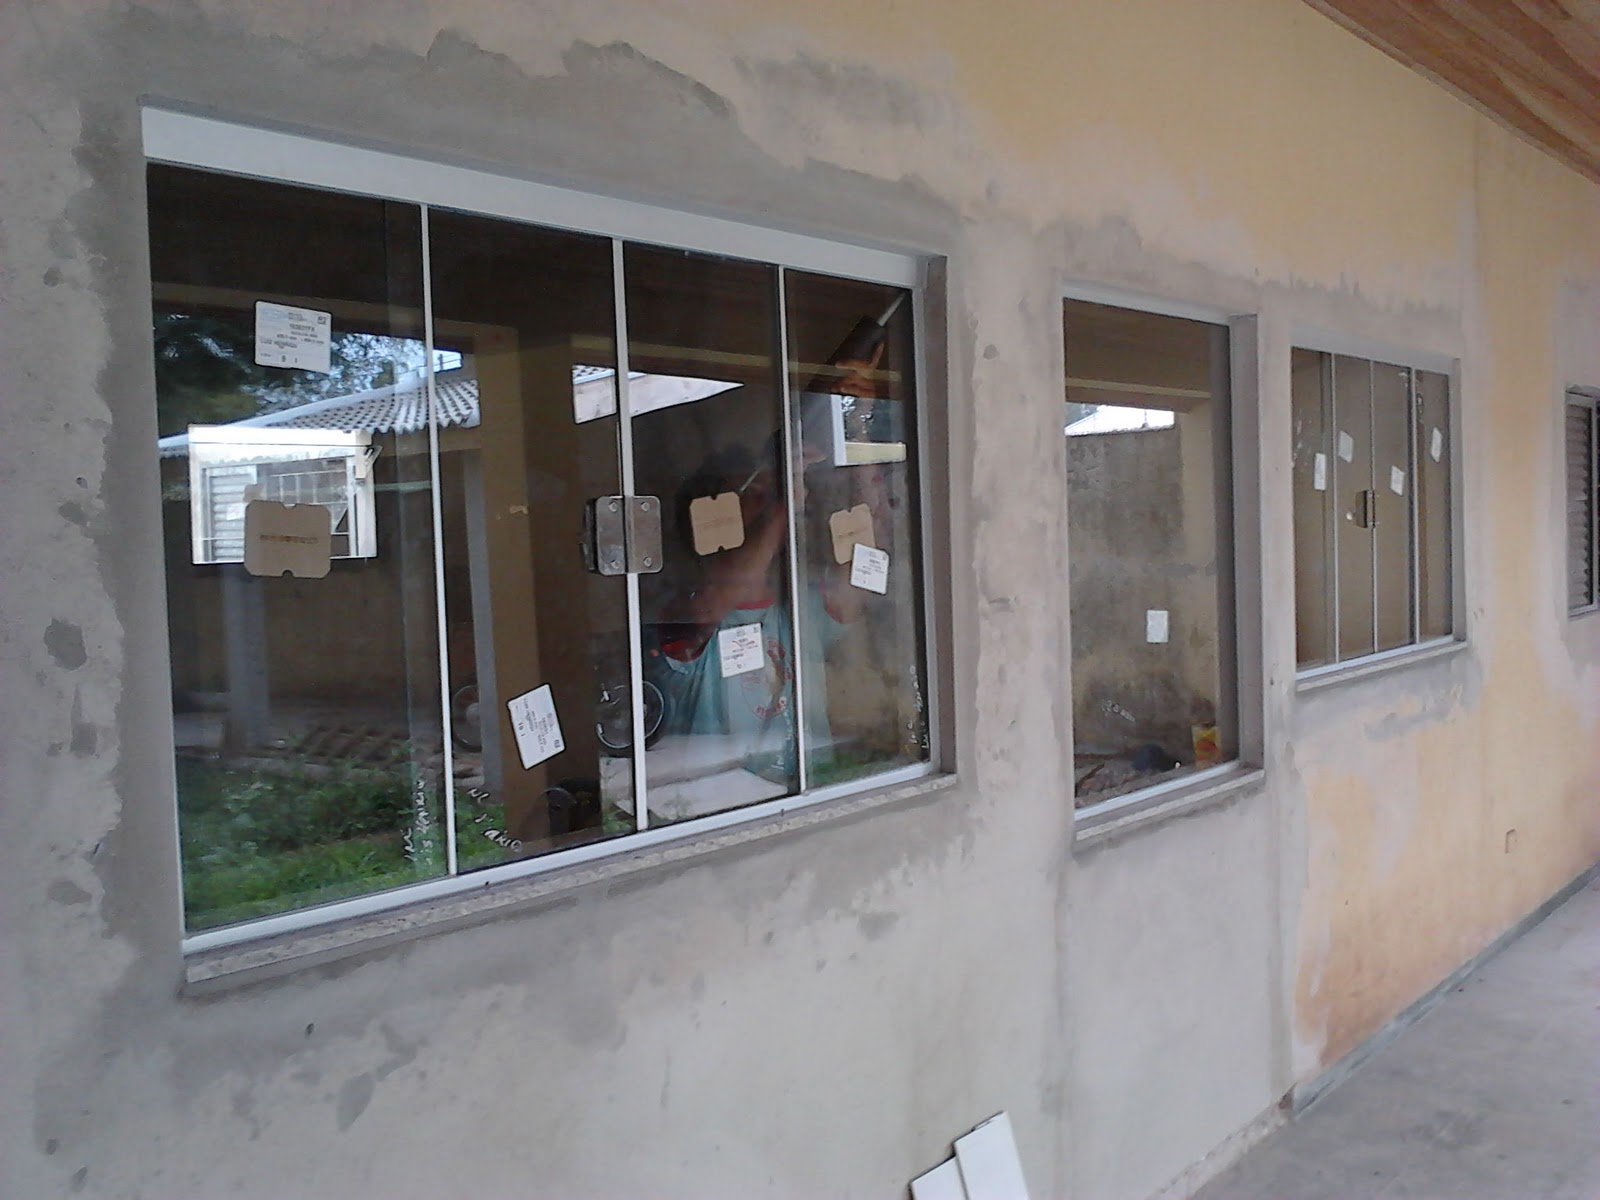 #614C41 FRANCO VIDROS TEMPERADOS: Obra em Ourinhos 340 Janelas De Vidro Temperado Ou Madeira